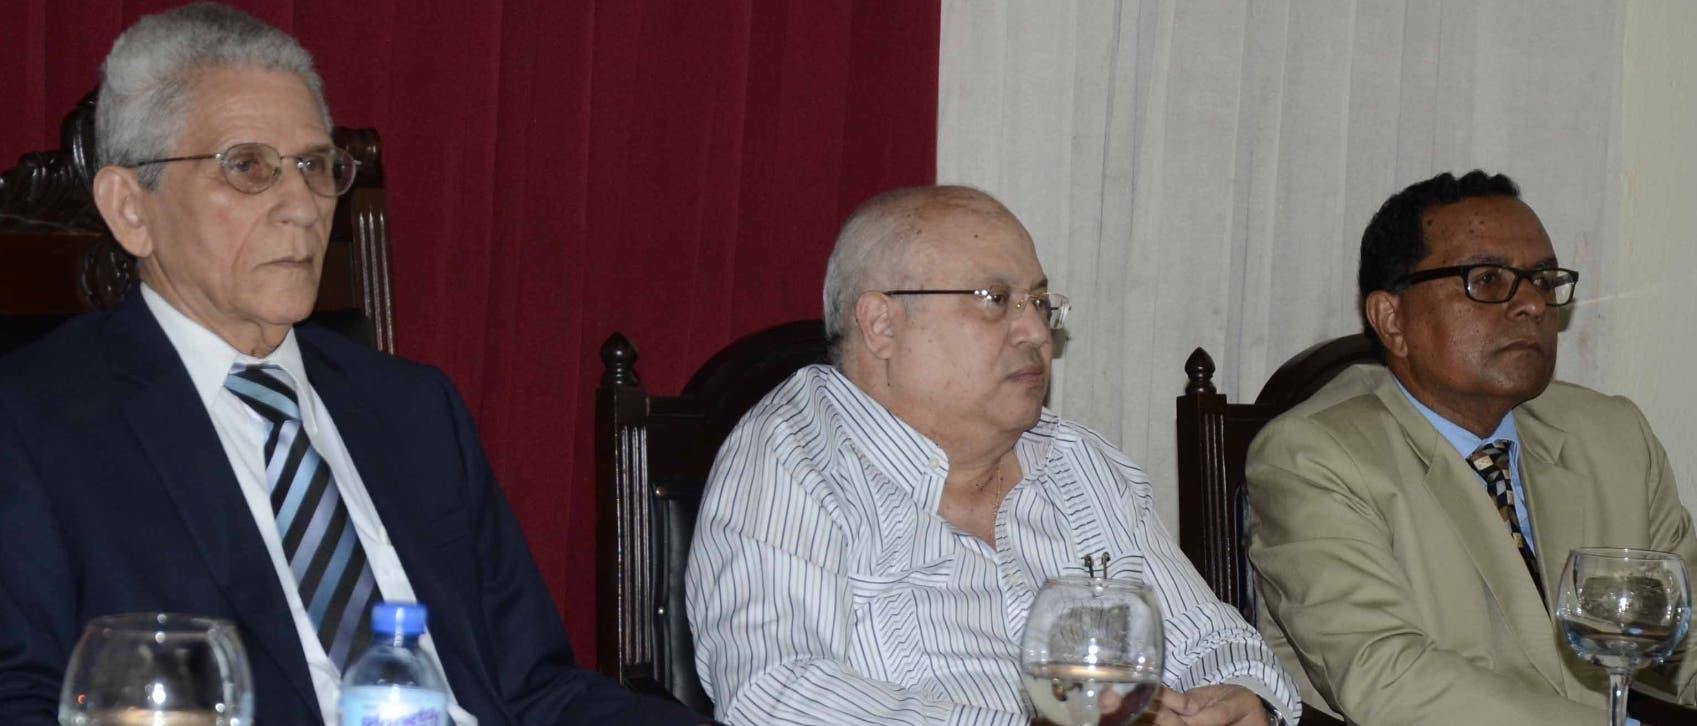 """Bruno Rosario Candelier, Orlando Gil y Rafael Peralta Romero en la presentación del """"Diccionario de Refranes Dominicanos""""."""